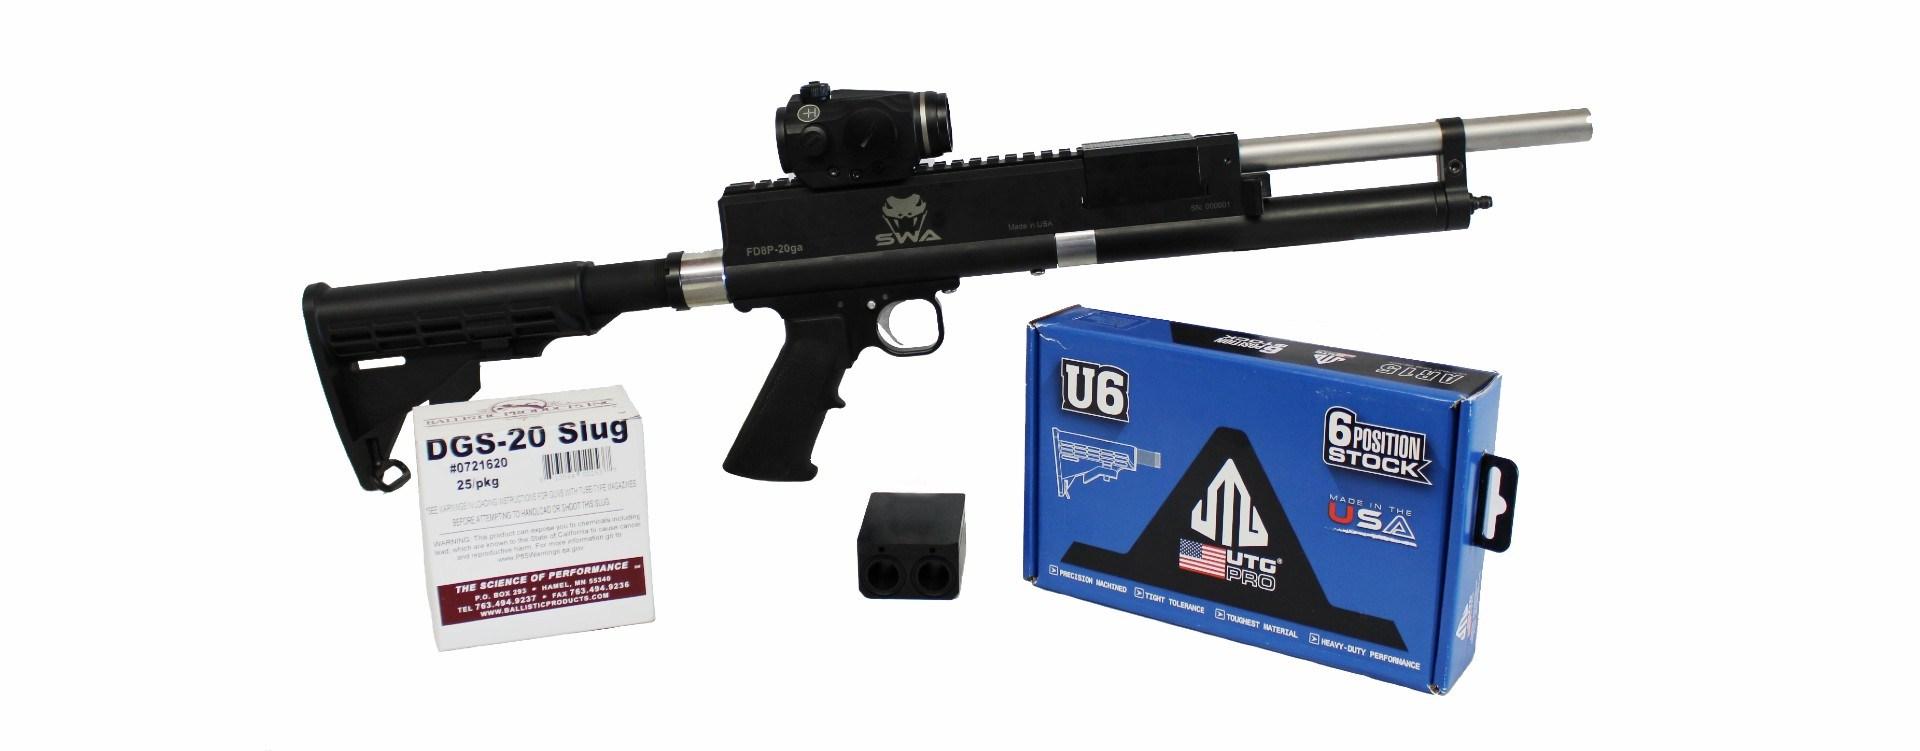 SWA-Pistol-UPP